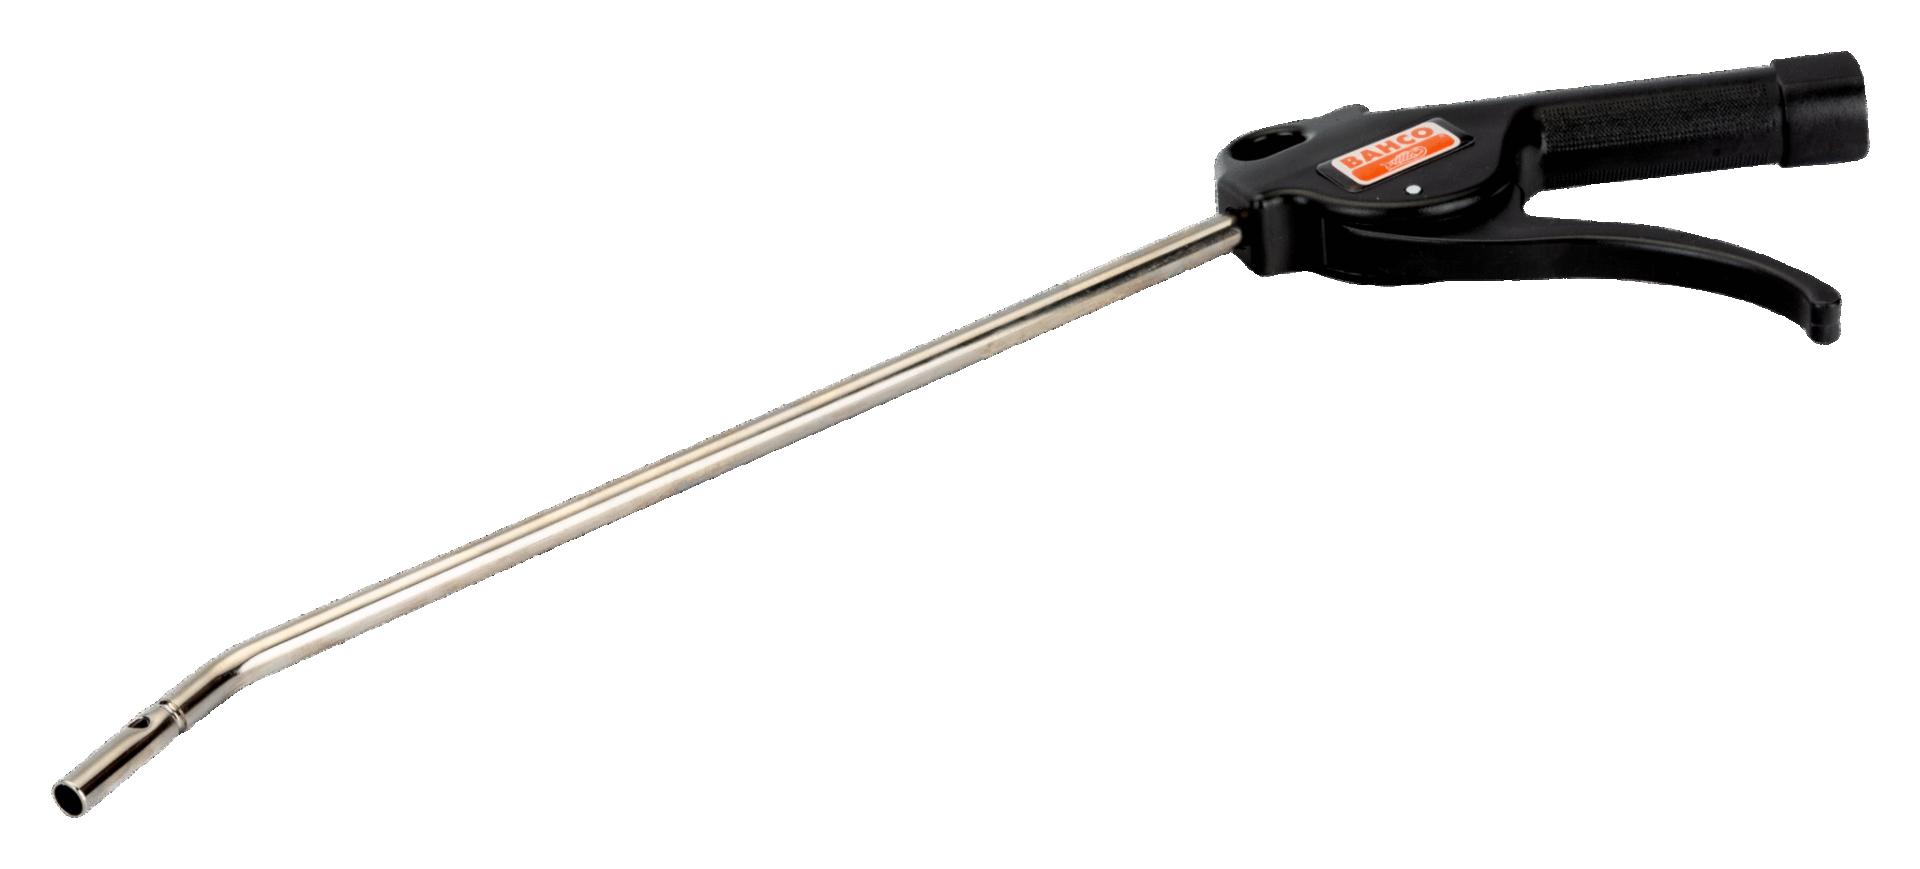 Pistolet do przedmuchiwania długi Bahco (nr kat. BP219L)